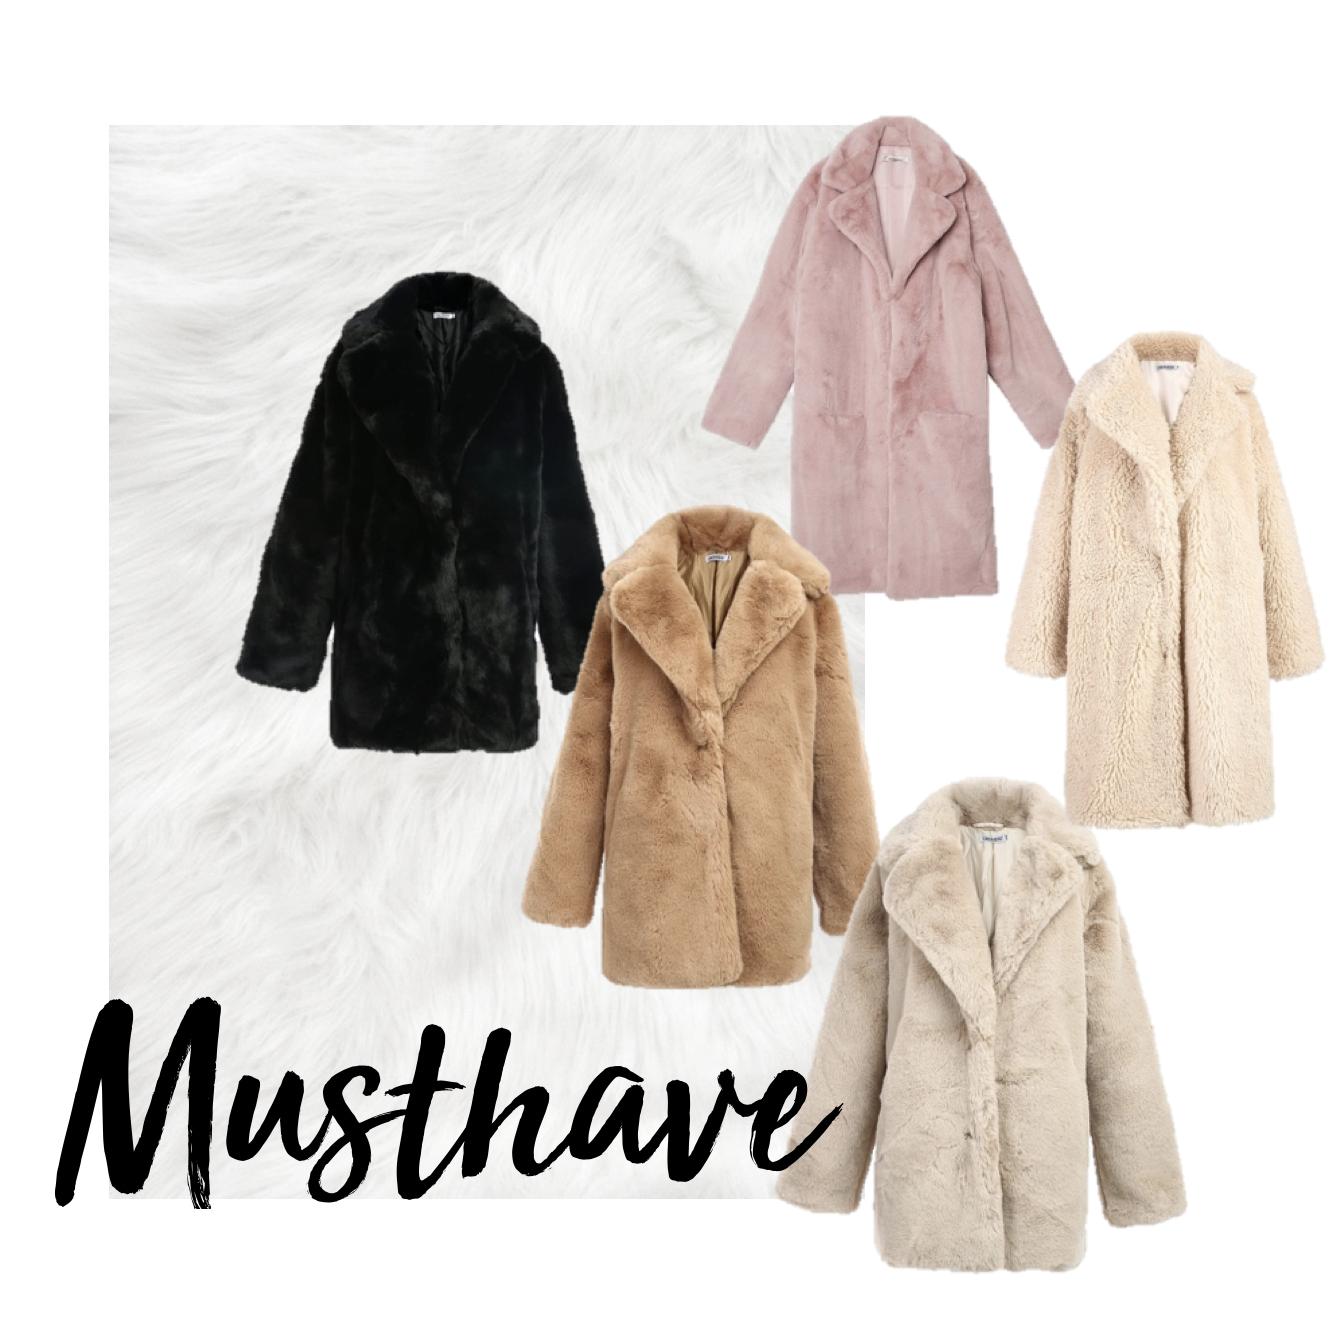 faux fur jassen nepbont herfstlook trend 2019 najaar